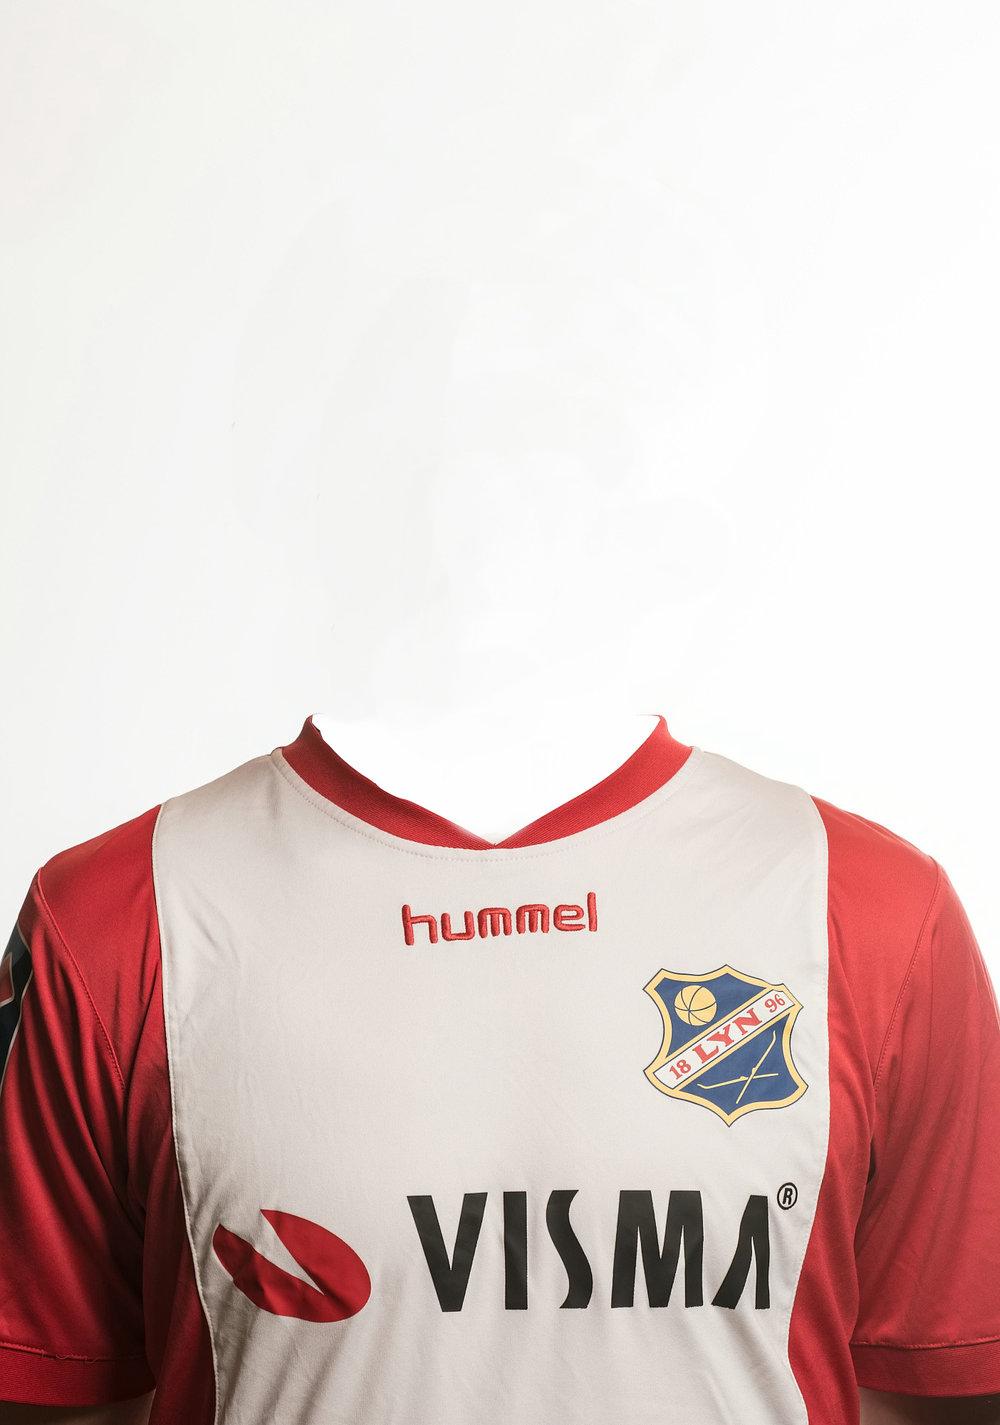 - Bilde kommerTidligere klubber: Egen junioravdelingPosisjon: AngrepKom til Lyn: 2017